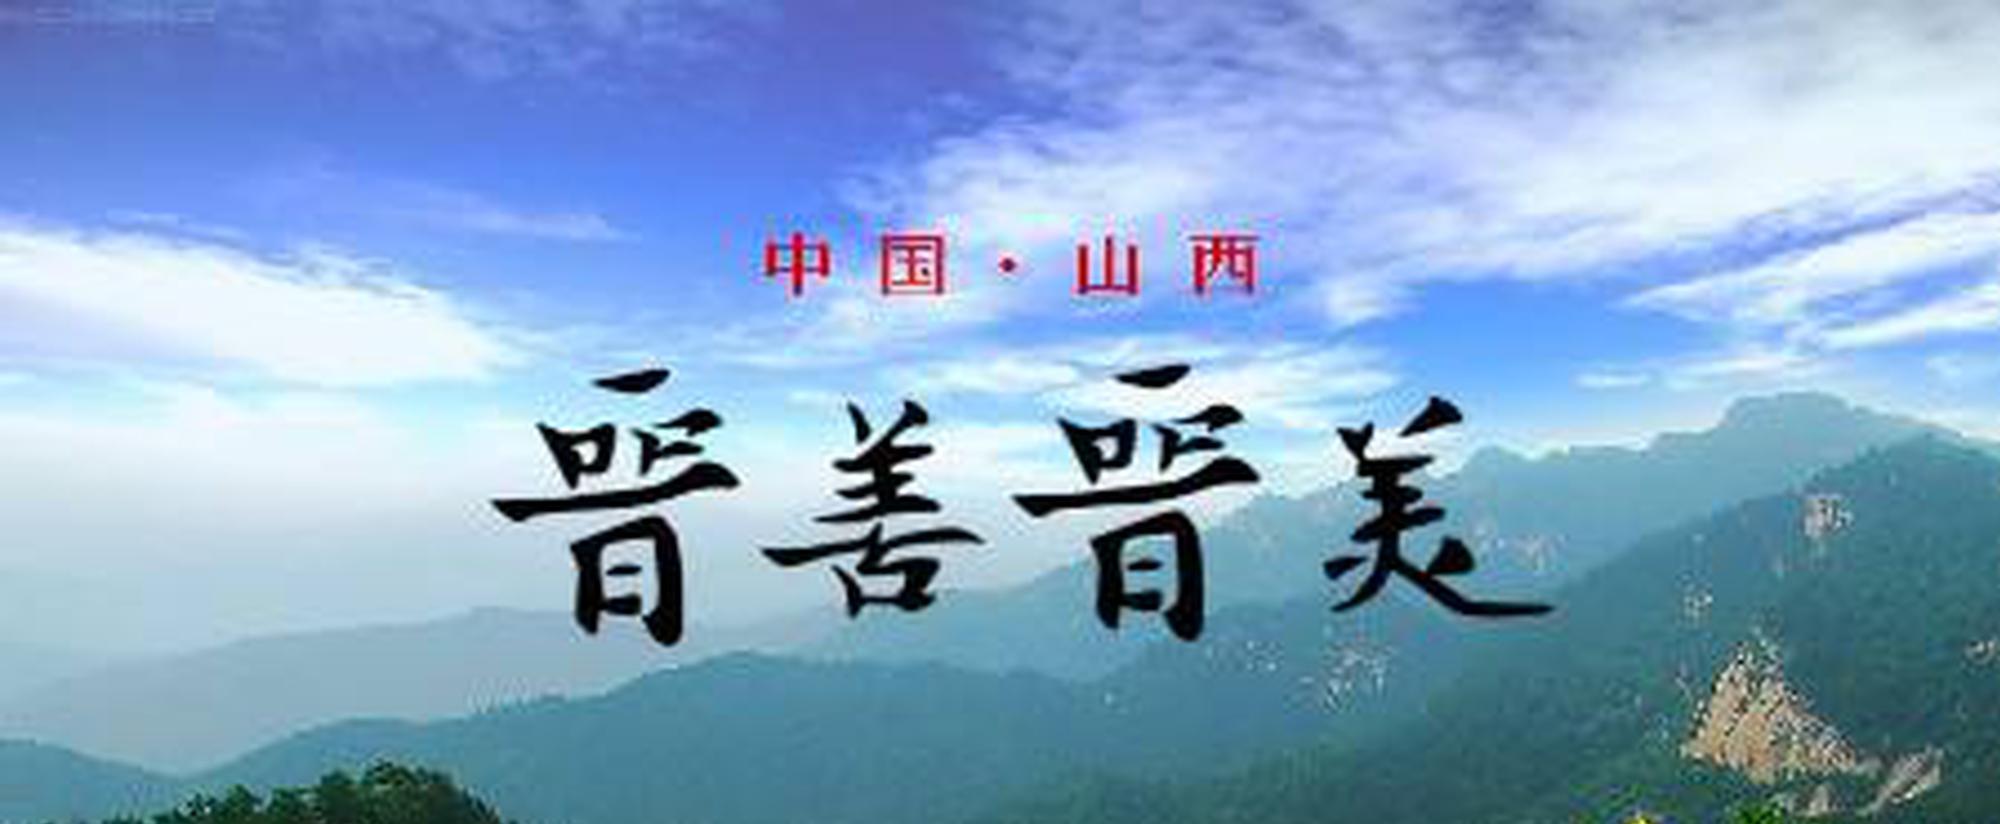 山西:用实力打造山西特色文旅品牌